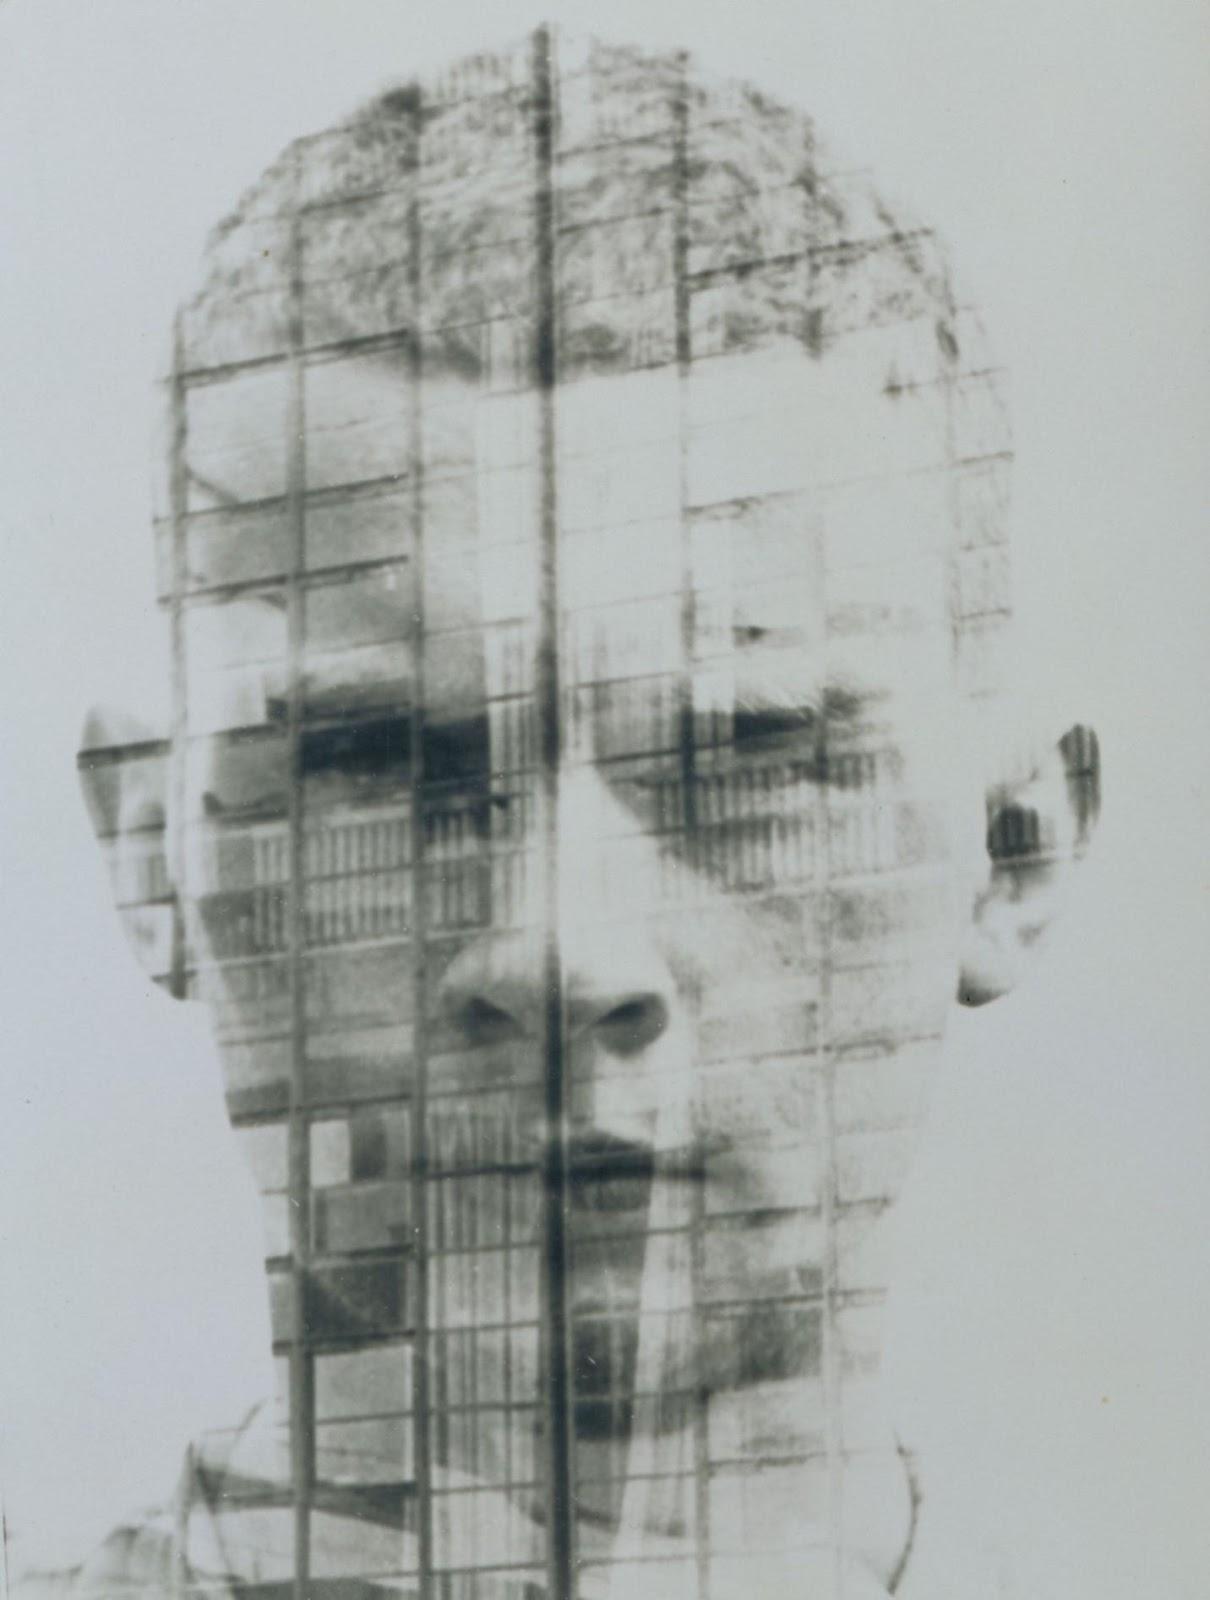 Fotografie als eigenständiges Medium: Hajo Rose war Student am Bauhaus Dessau und arbeitete später in Amsterdam Bildquelle: artinstamps.blogspot.com